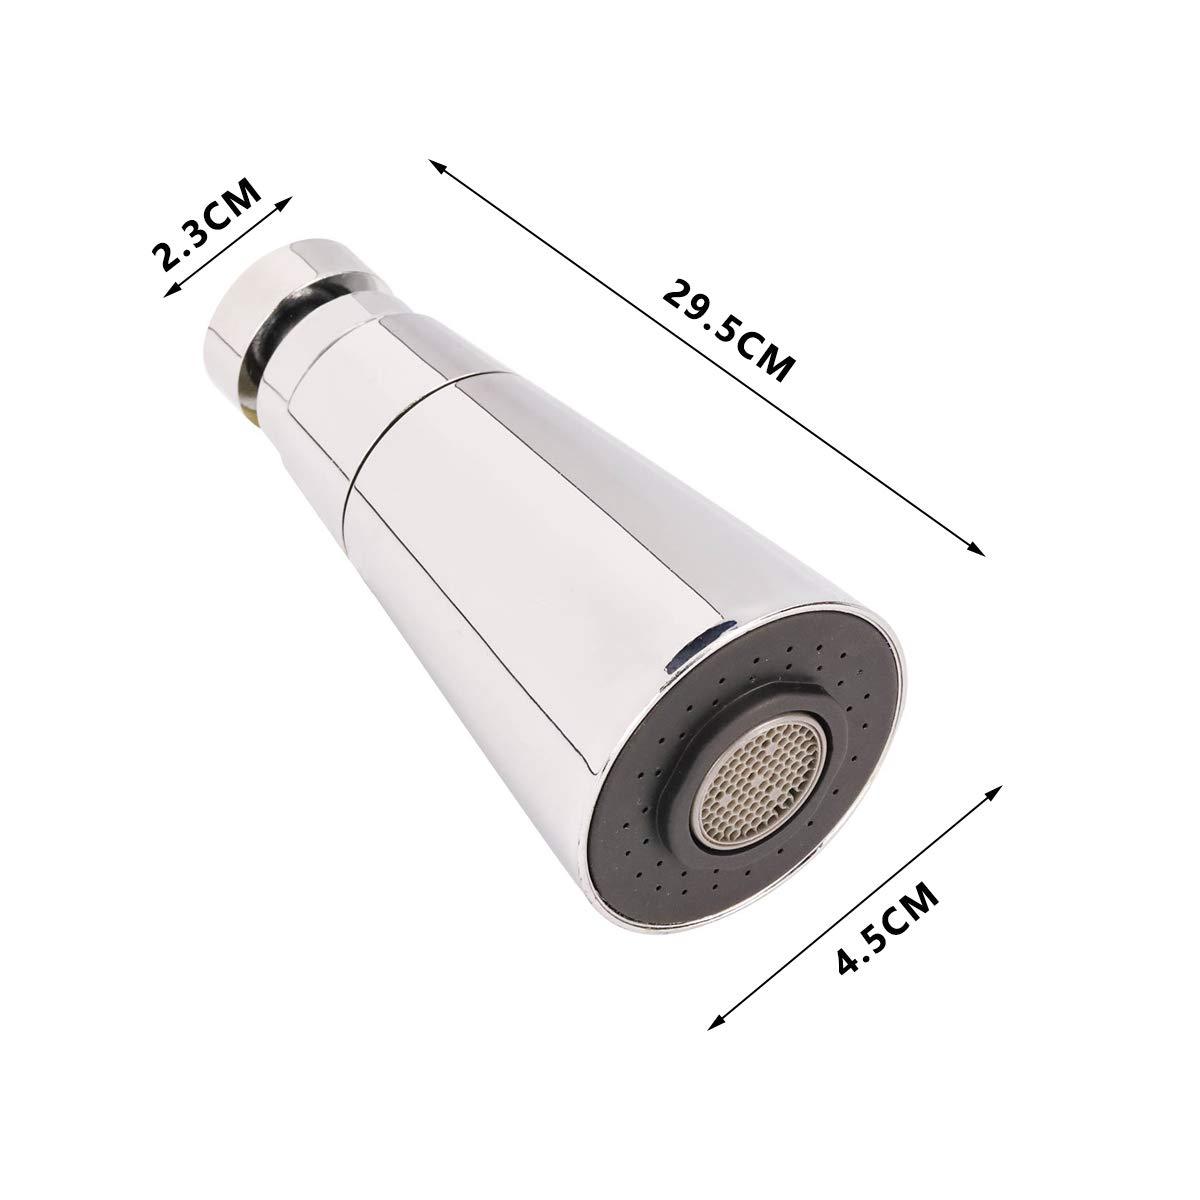 Aireador de grifo puede girar 360 grados//Filtro de ahorro de agua//Chorro de aire y chorro de ducha Dos modos de agua